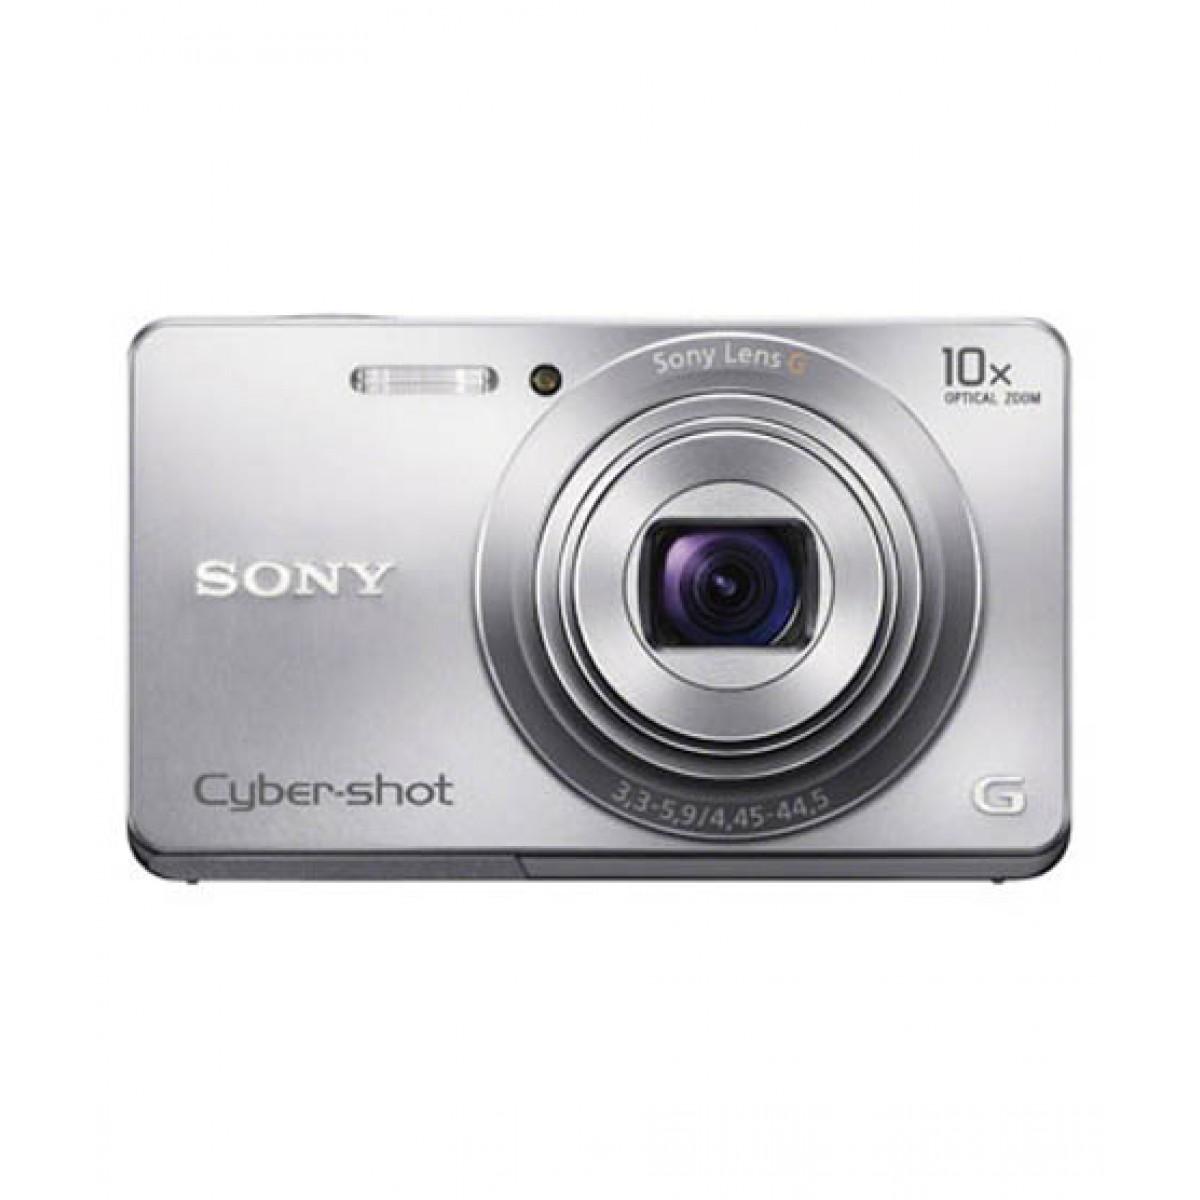 Sony DSC-W690 Cybershot Camera Silver